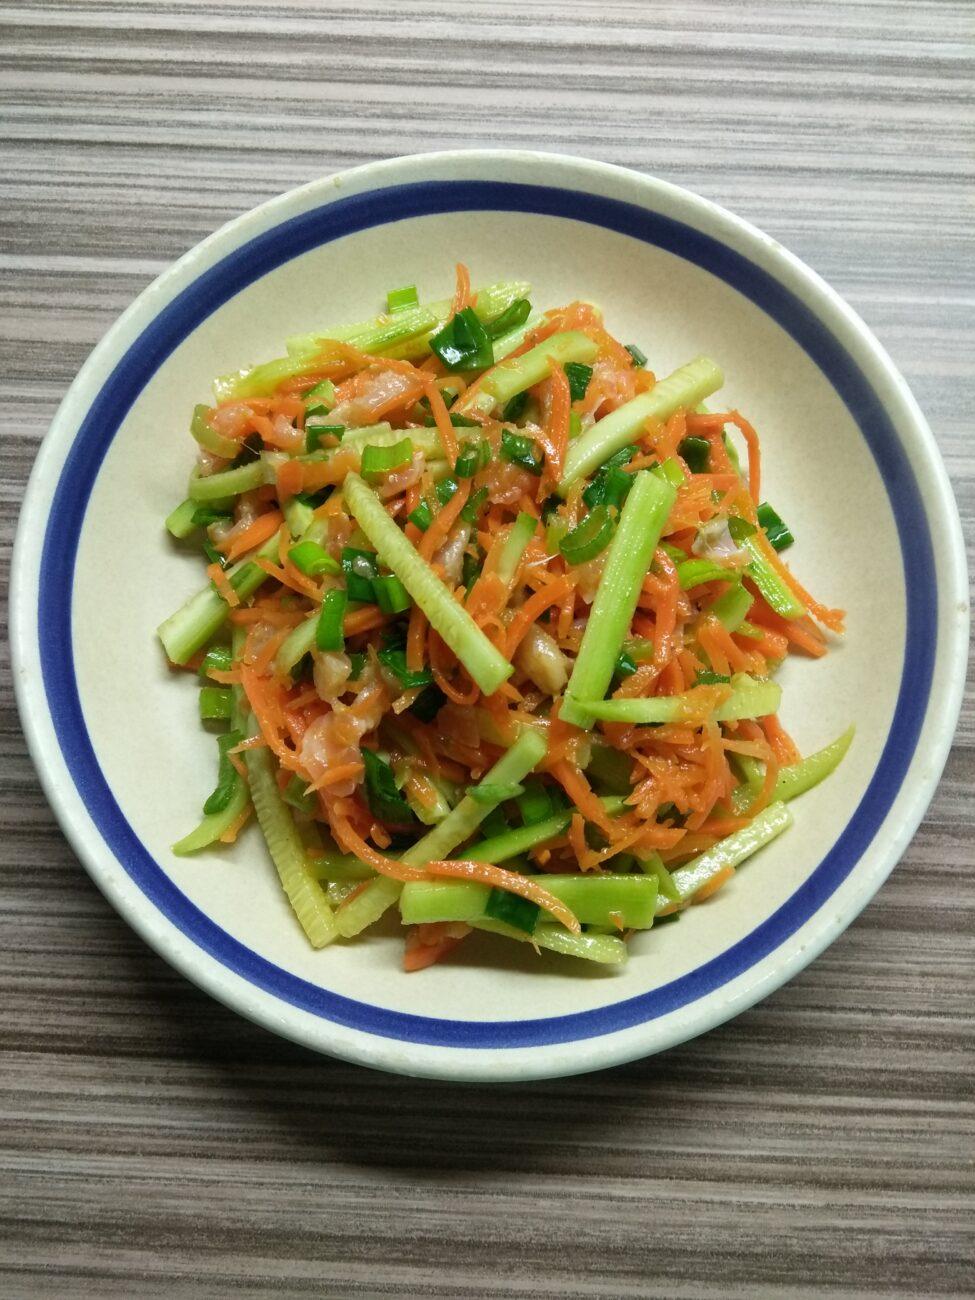 Салат с лососем, морковкой по-корейски и огурцами